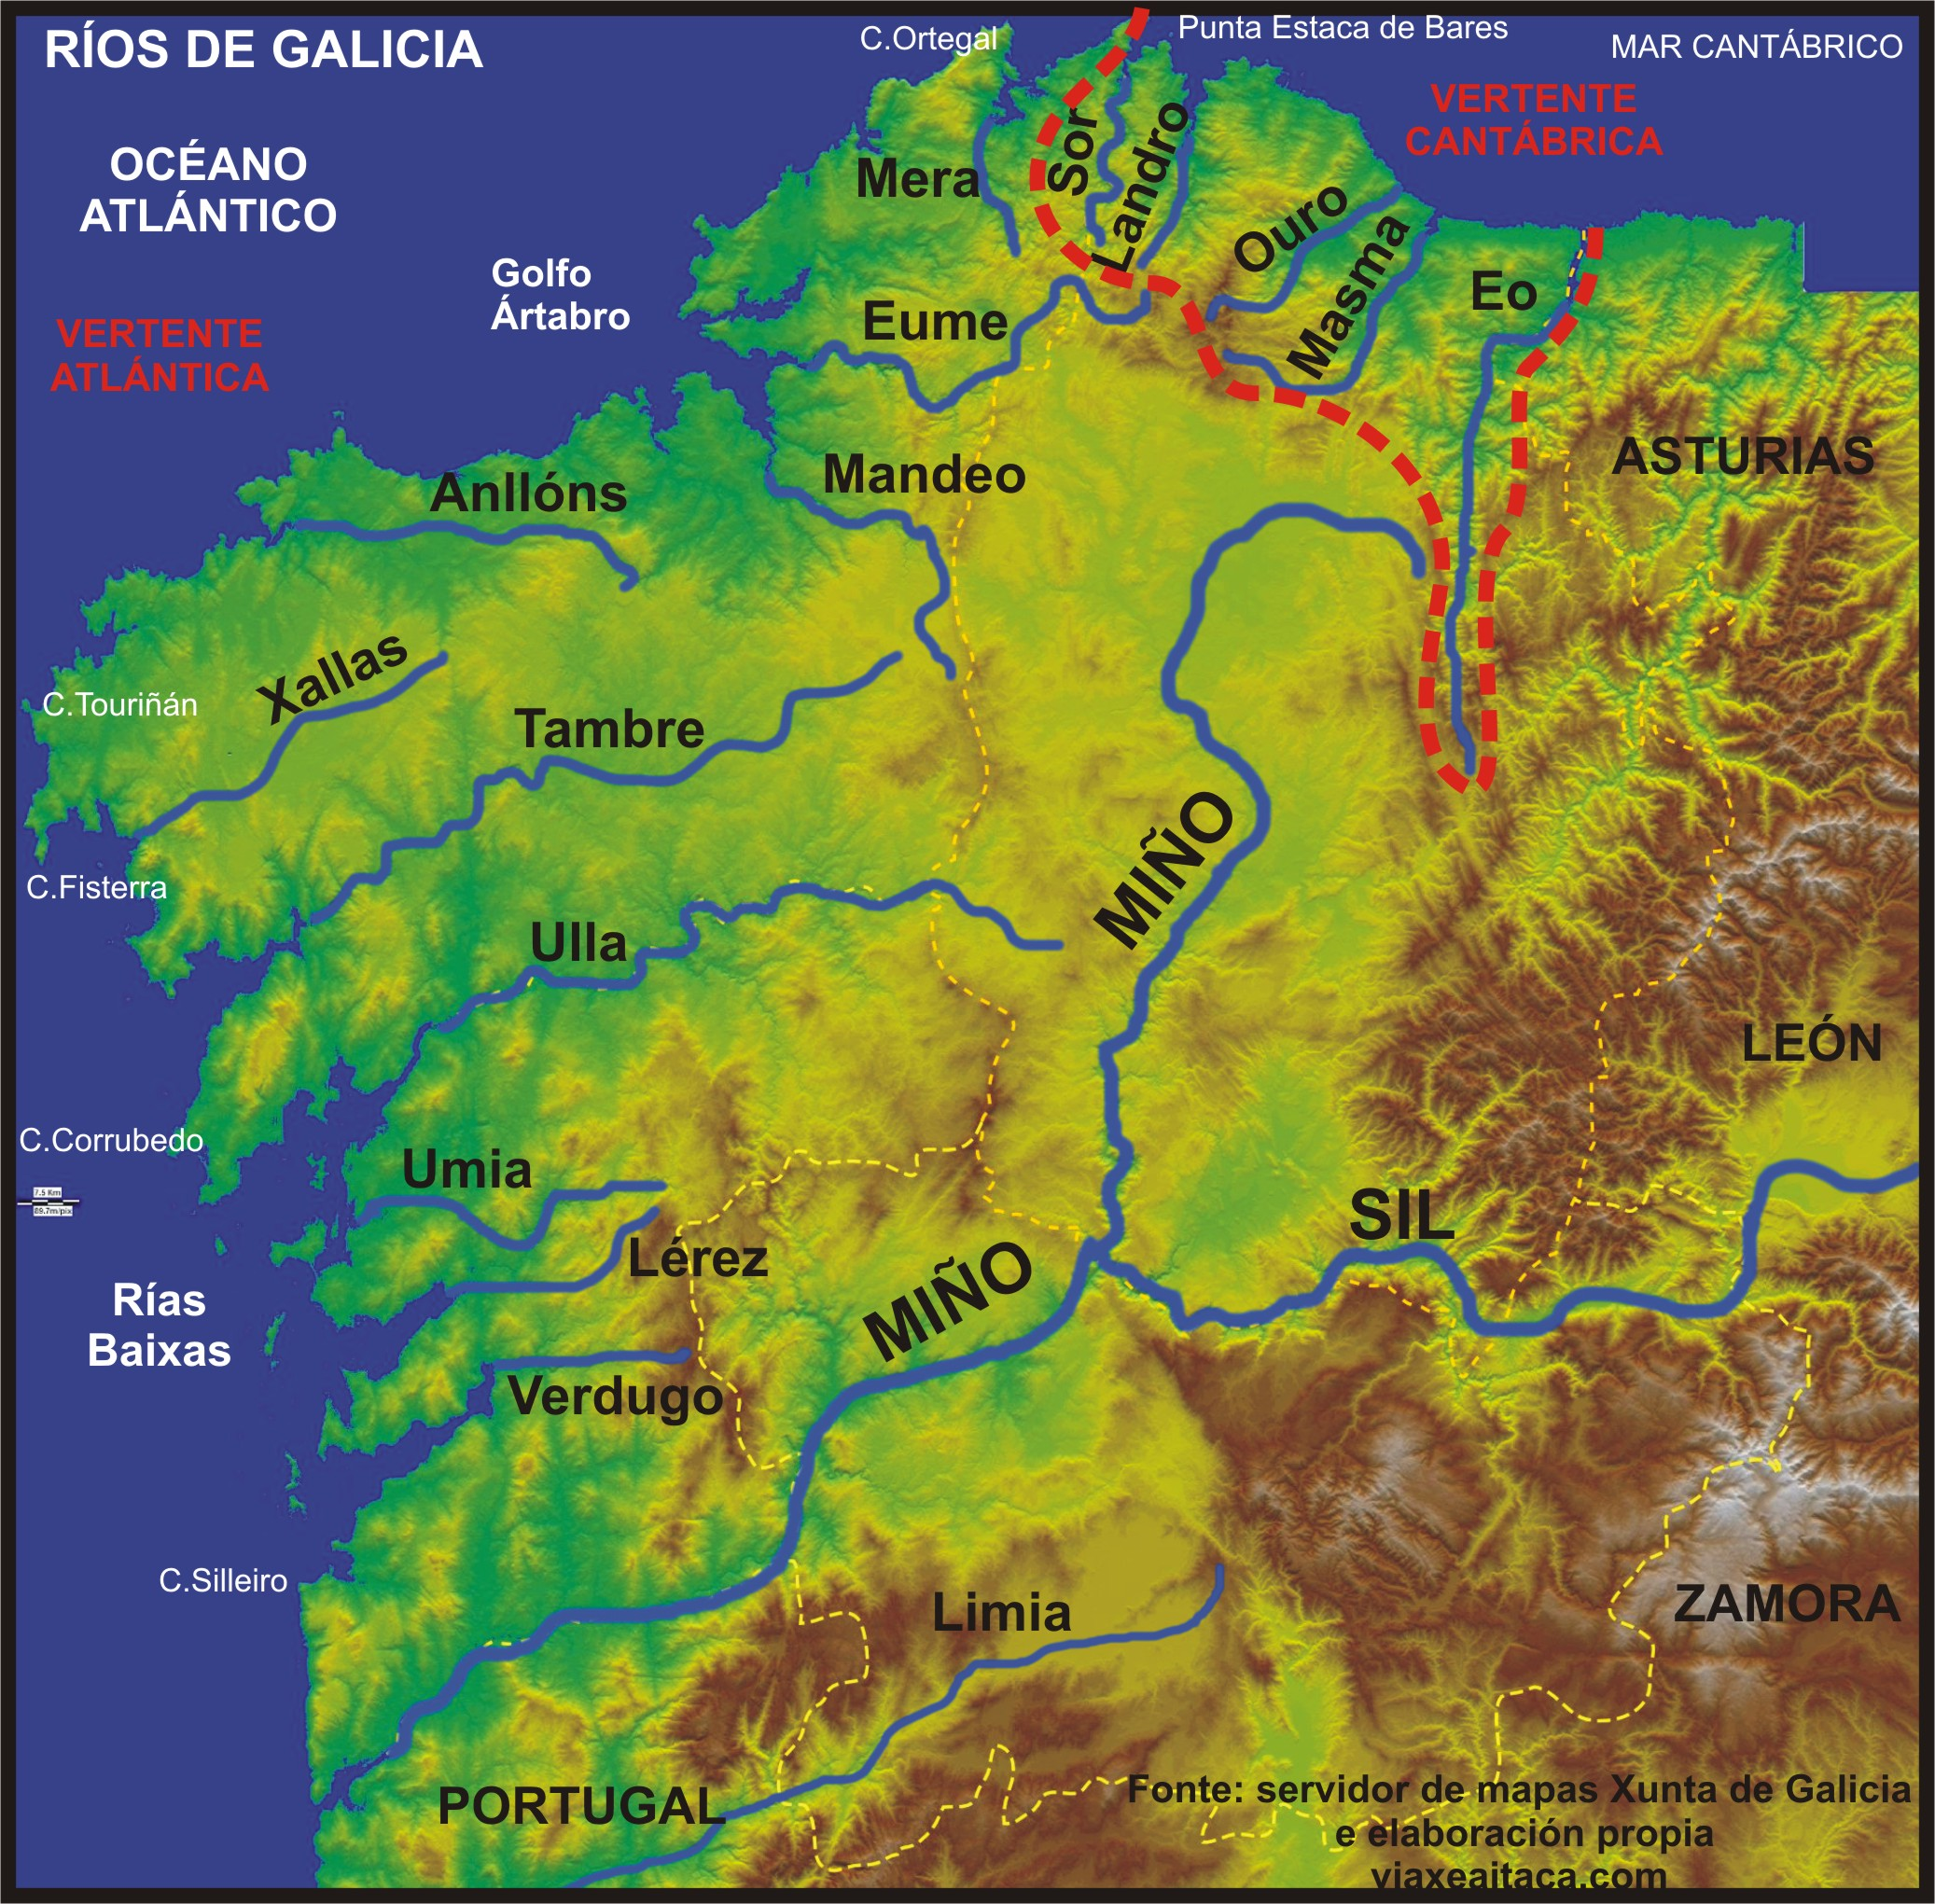 Mapa De Galicia Rios.Preparacion De Los Examenes De La Eso Concello De Marin Rios Galicia Ensino Formacion